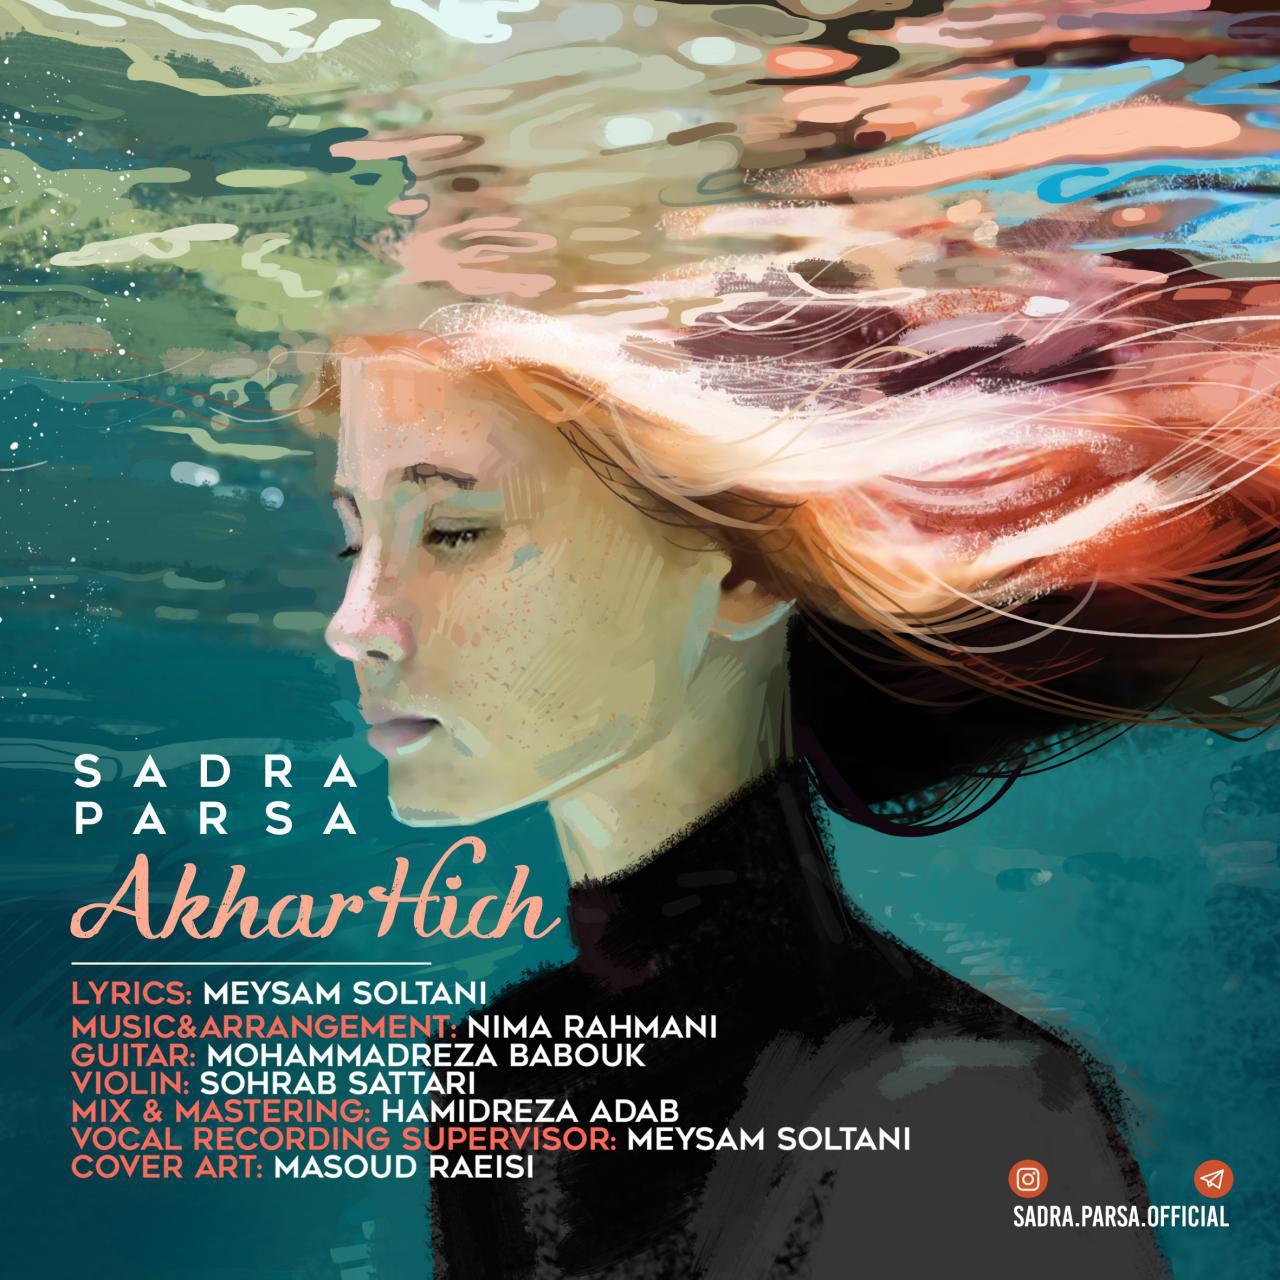 Sadra Parsa – Akhar Hich